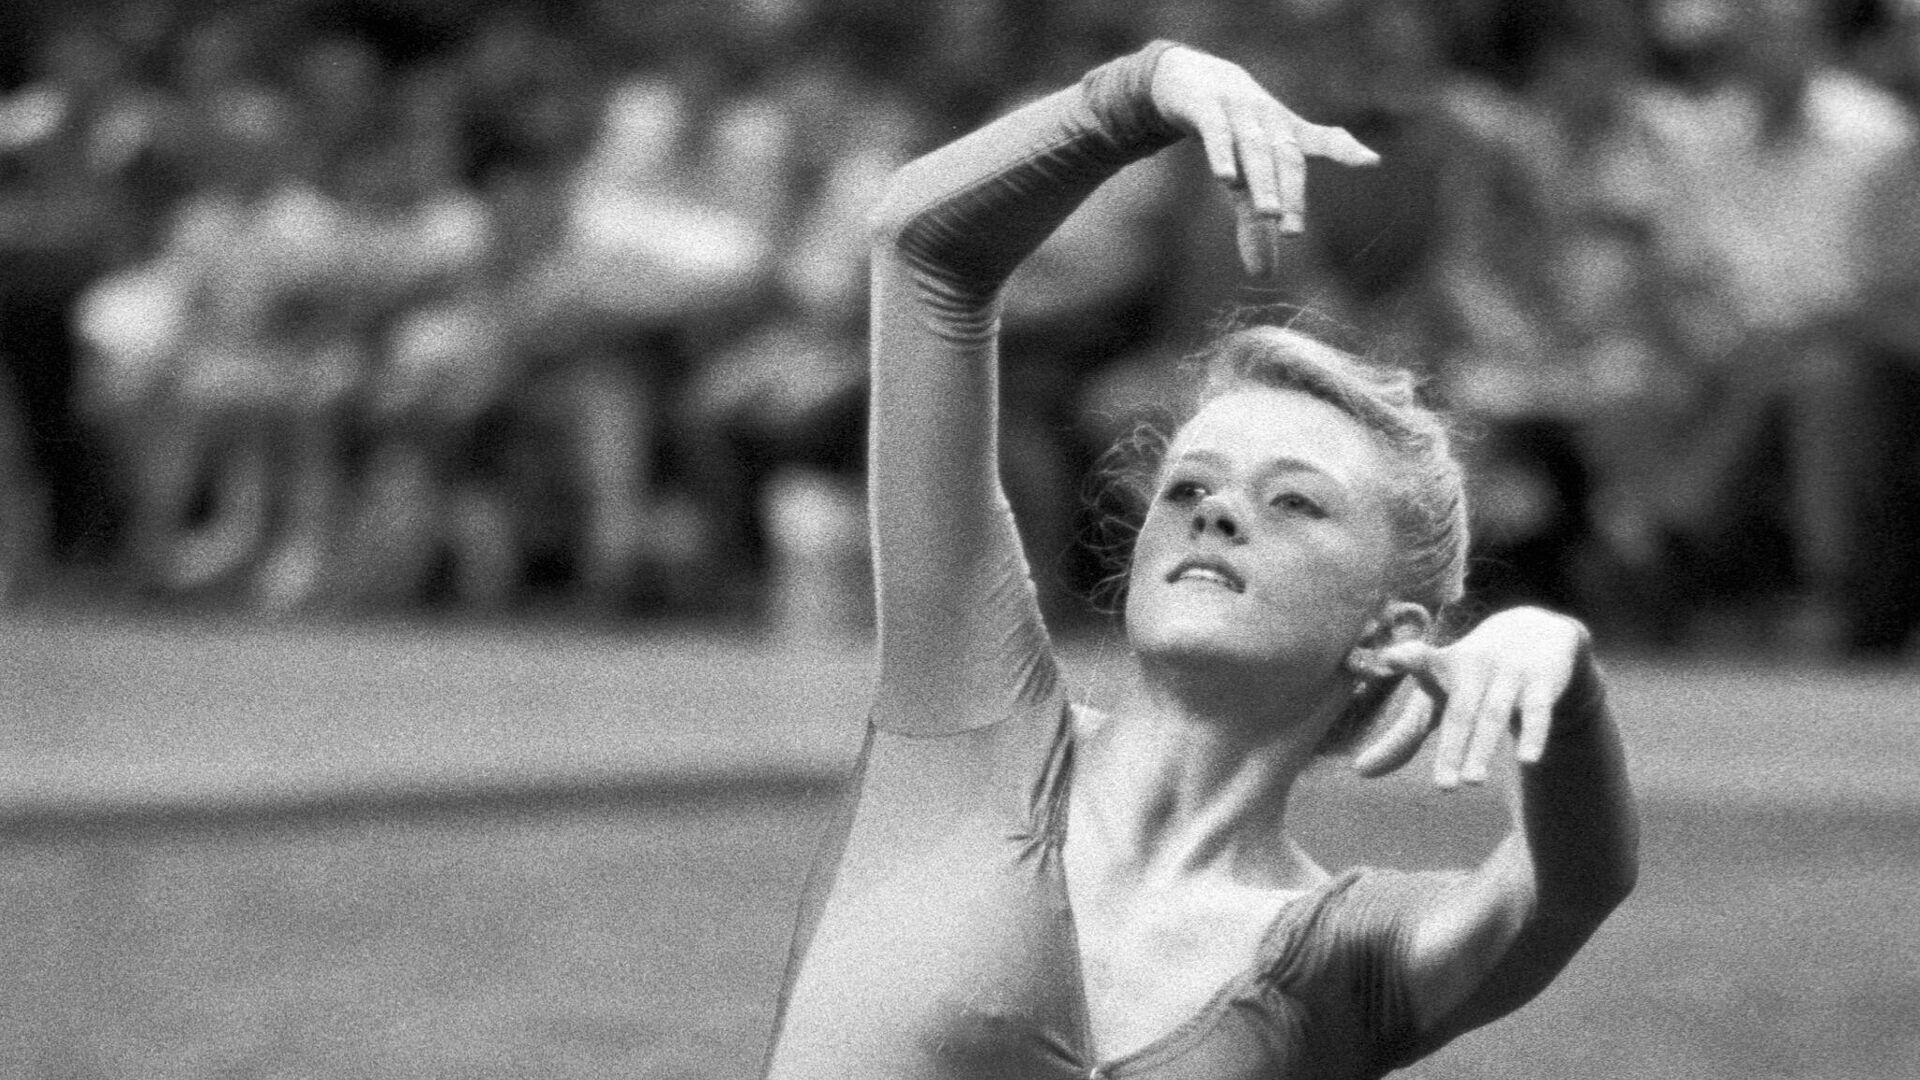 Гимнастка Оксана Костина выполняет упражнение. - РИА Новости, 1920, 20.09.2020